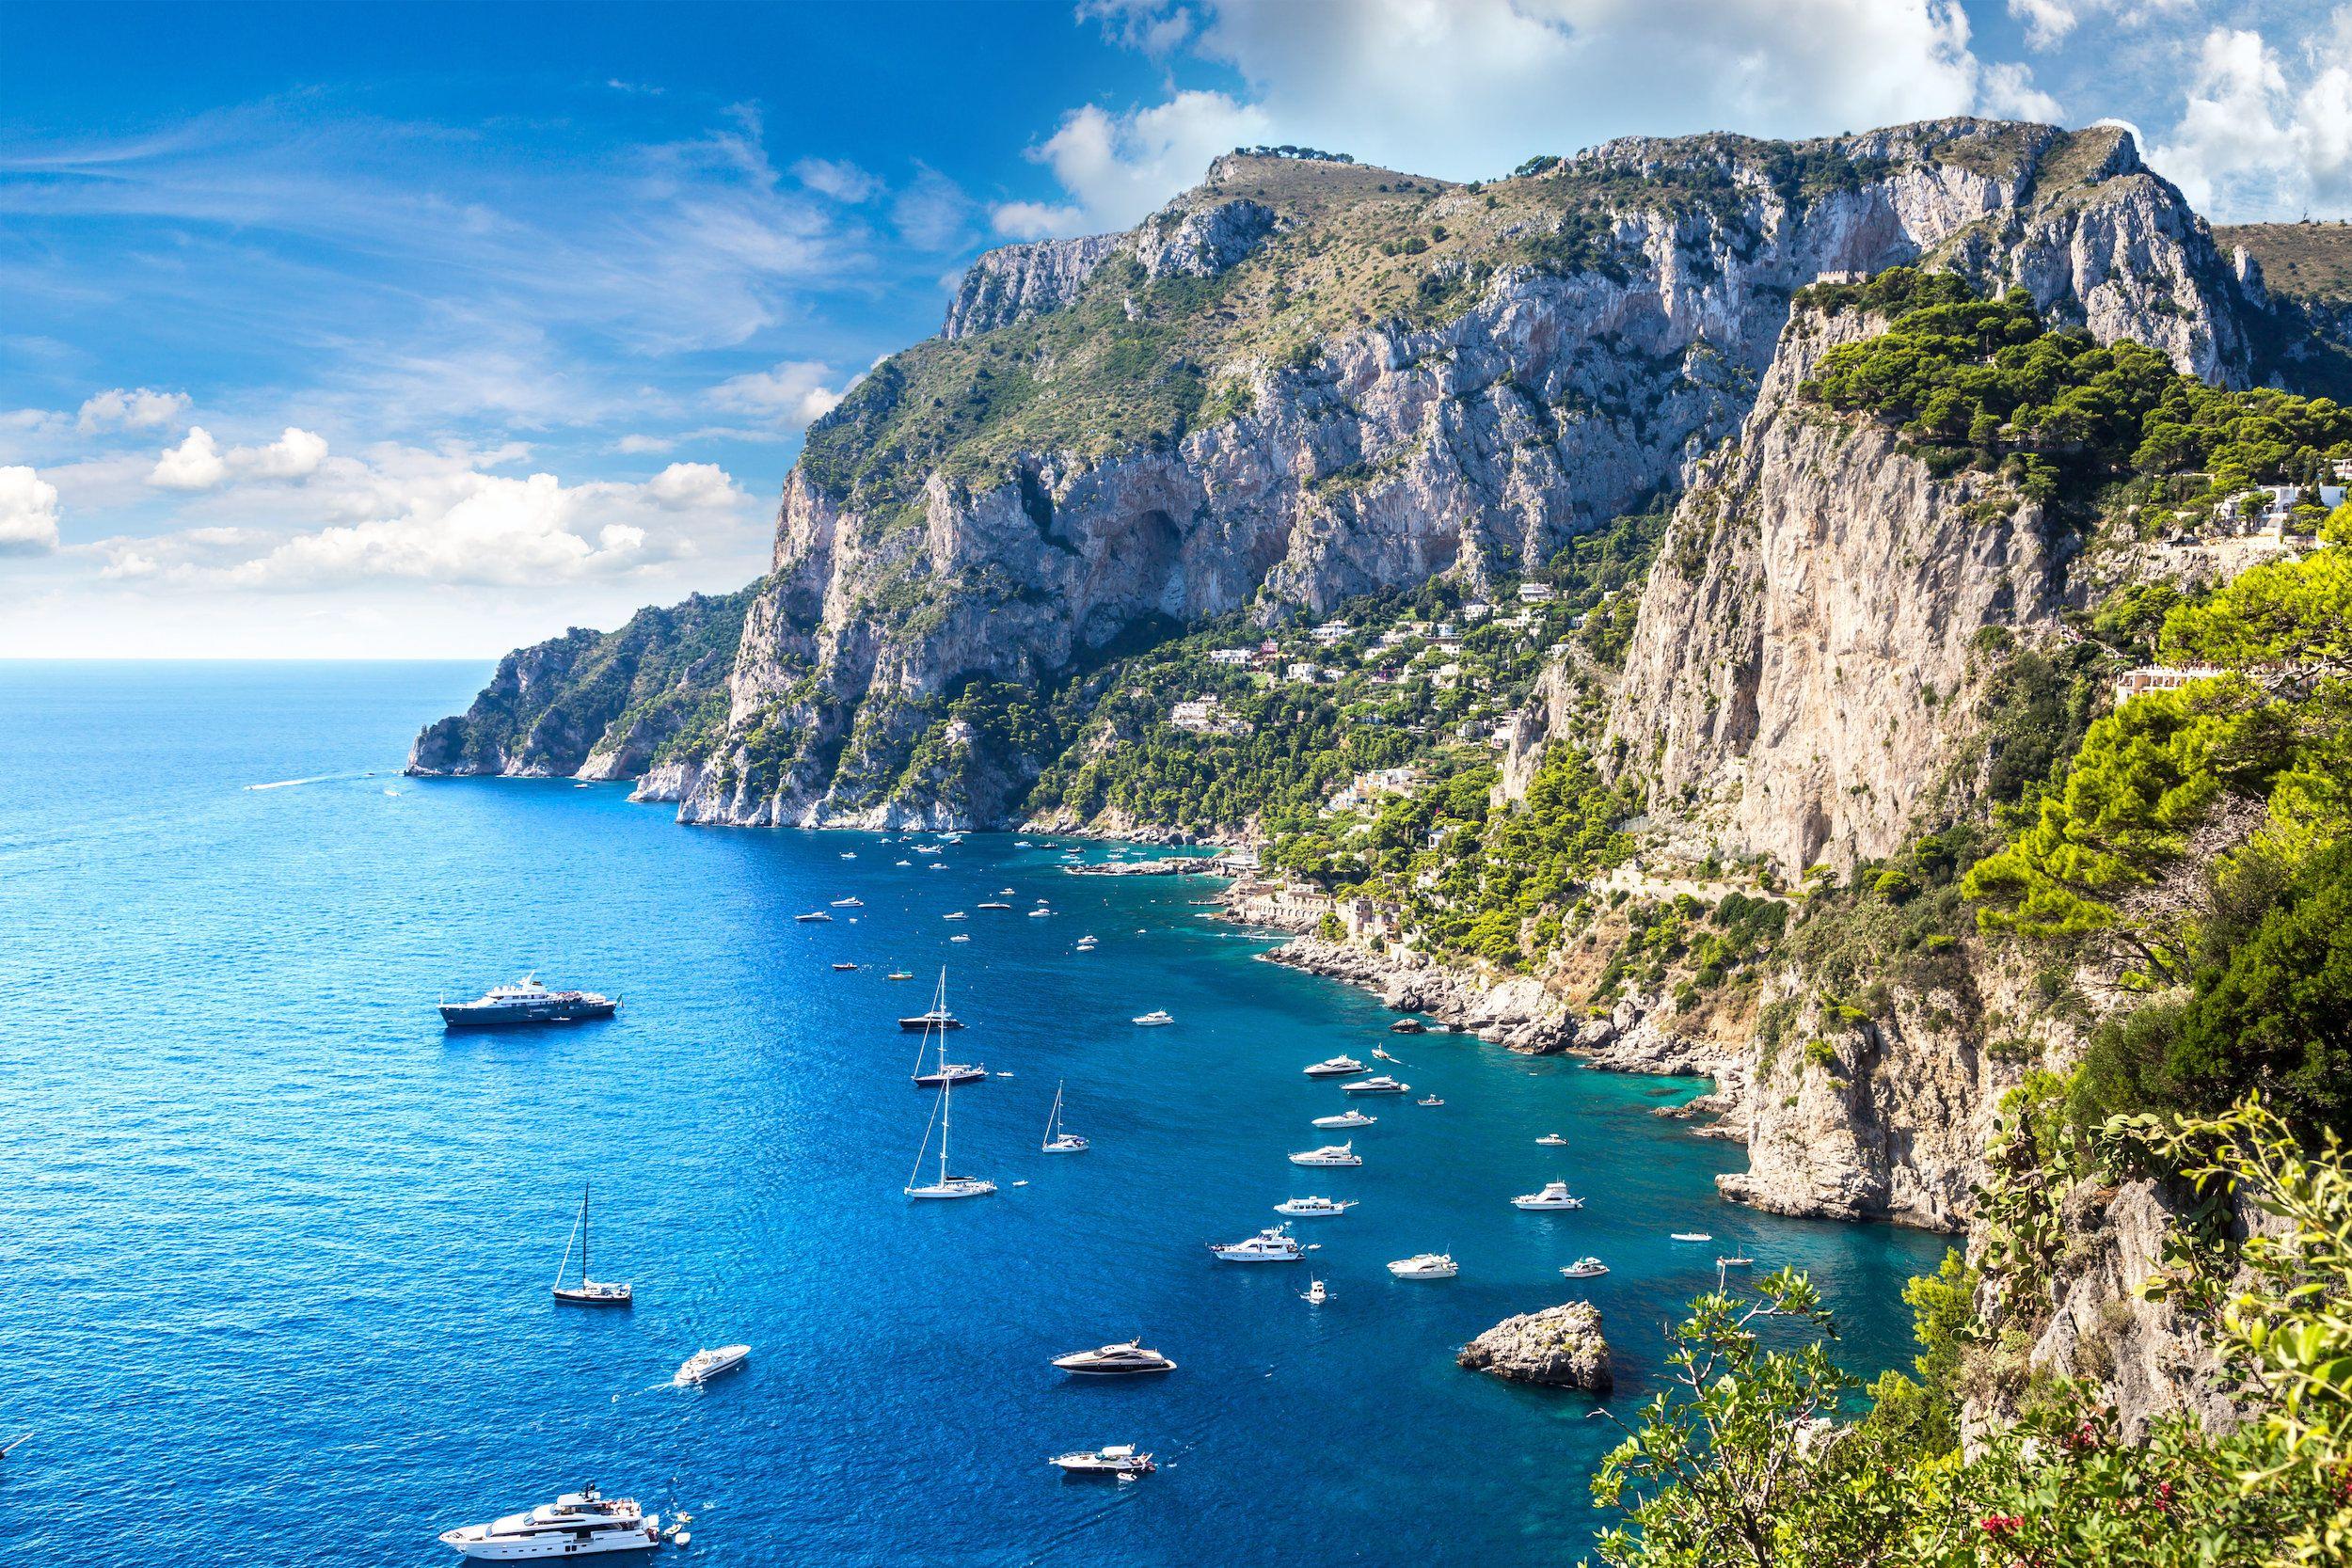 Ischia, Capri e Procida: un tour per scoprire le isole del Golfo di Napoli